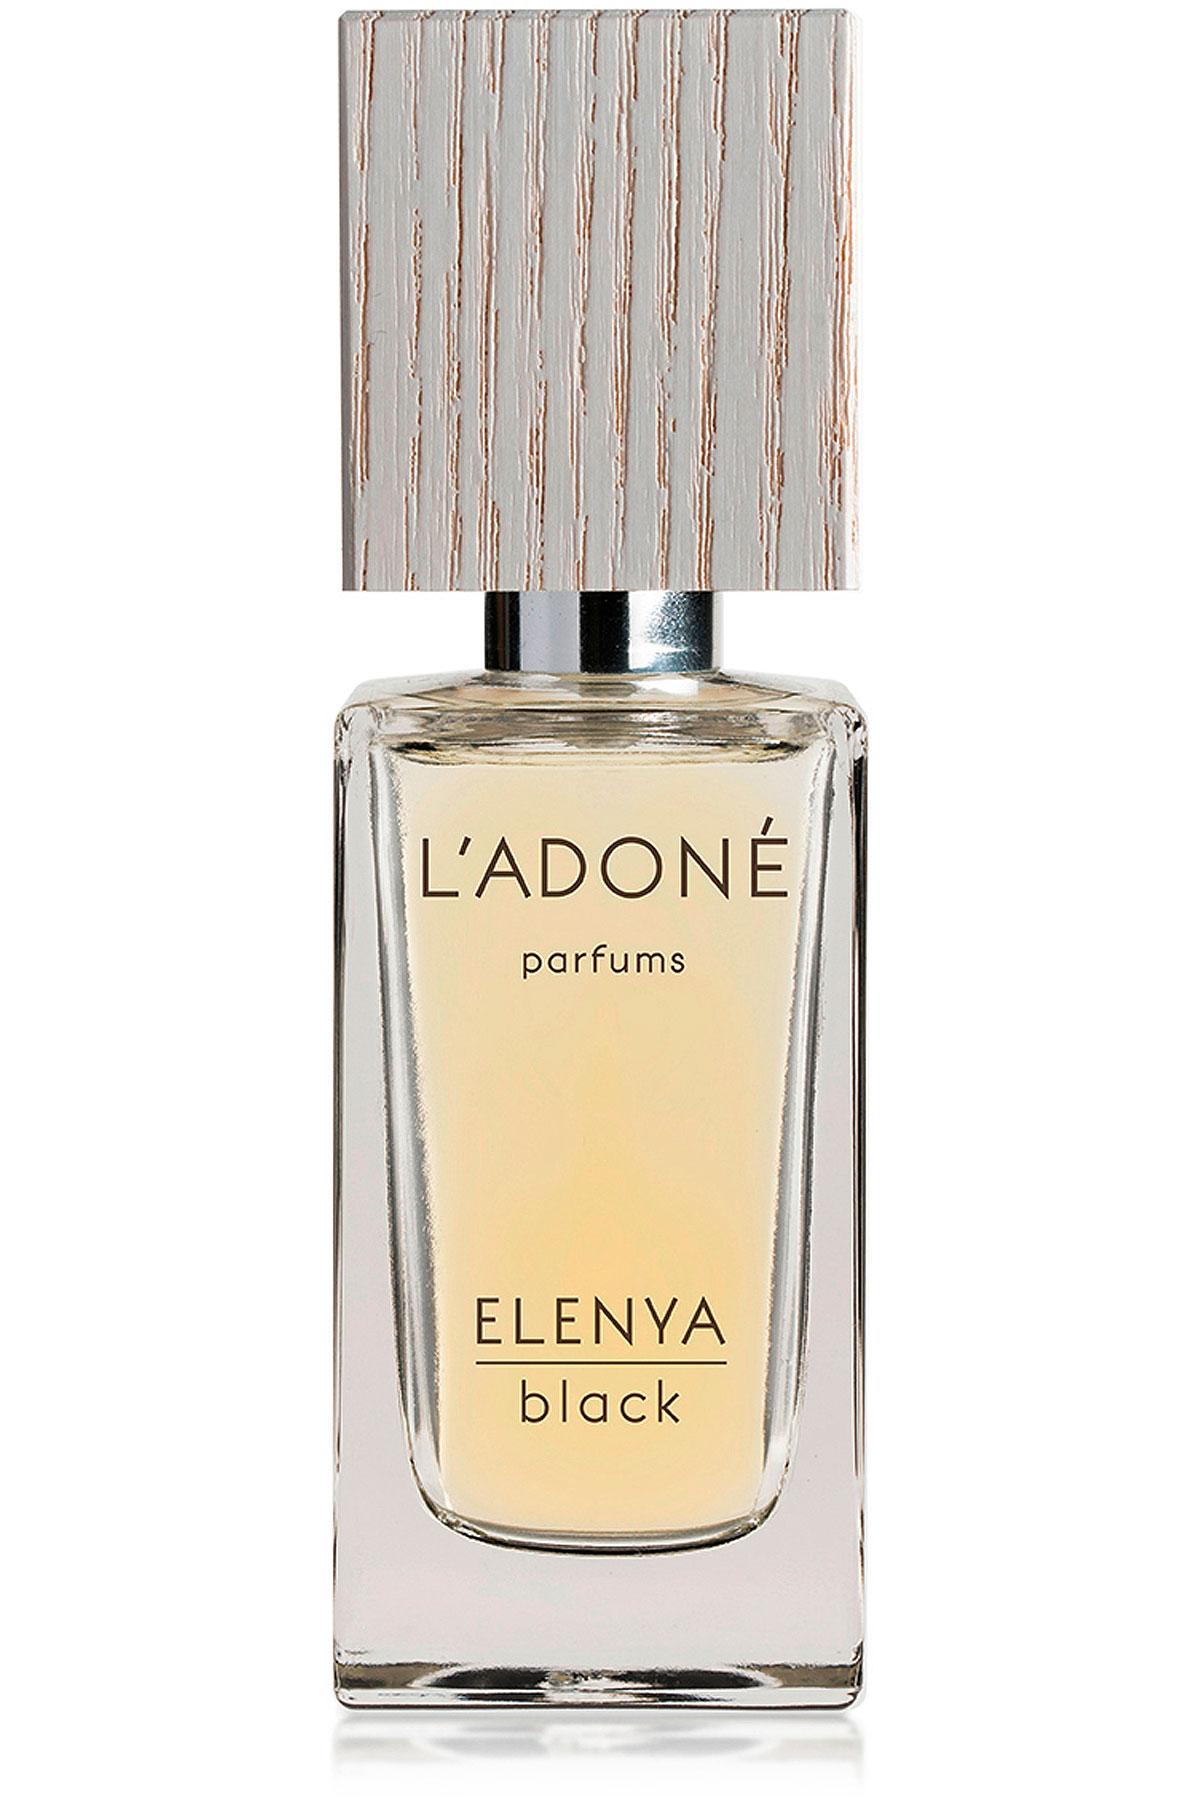 L Adone Fragrances for Men, Elenya Black - Extrait De Parfum - 50 Ml, 2019, 50 ml